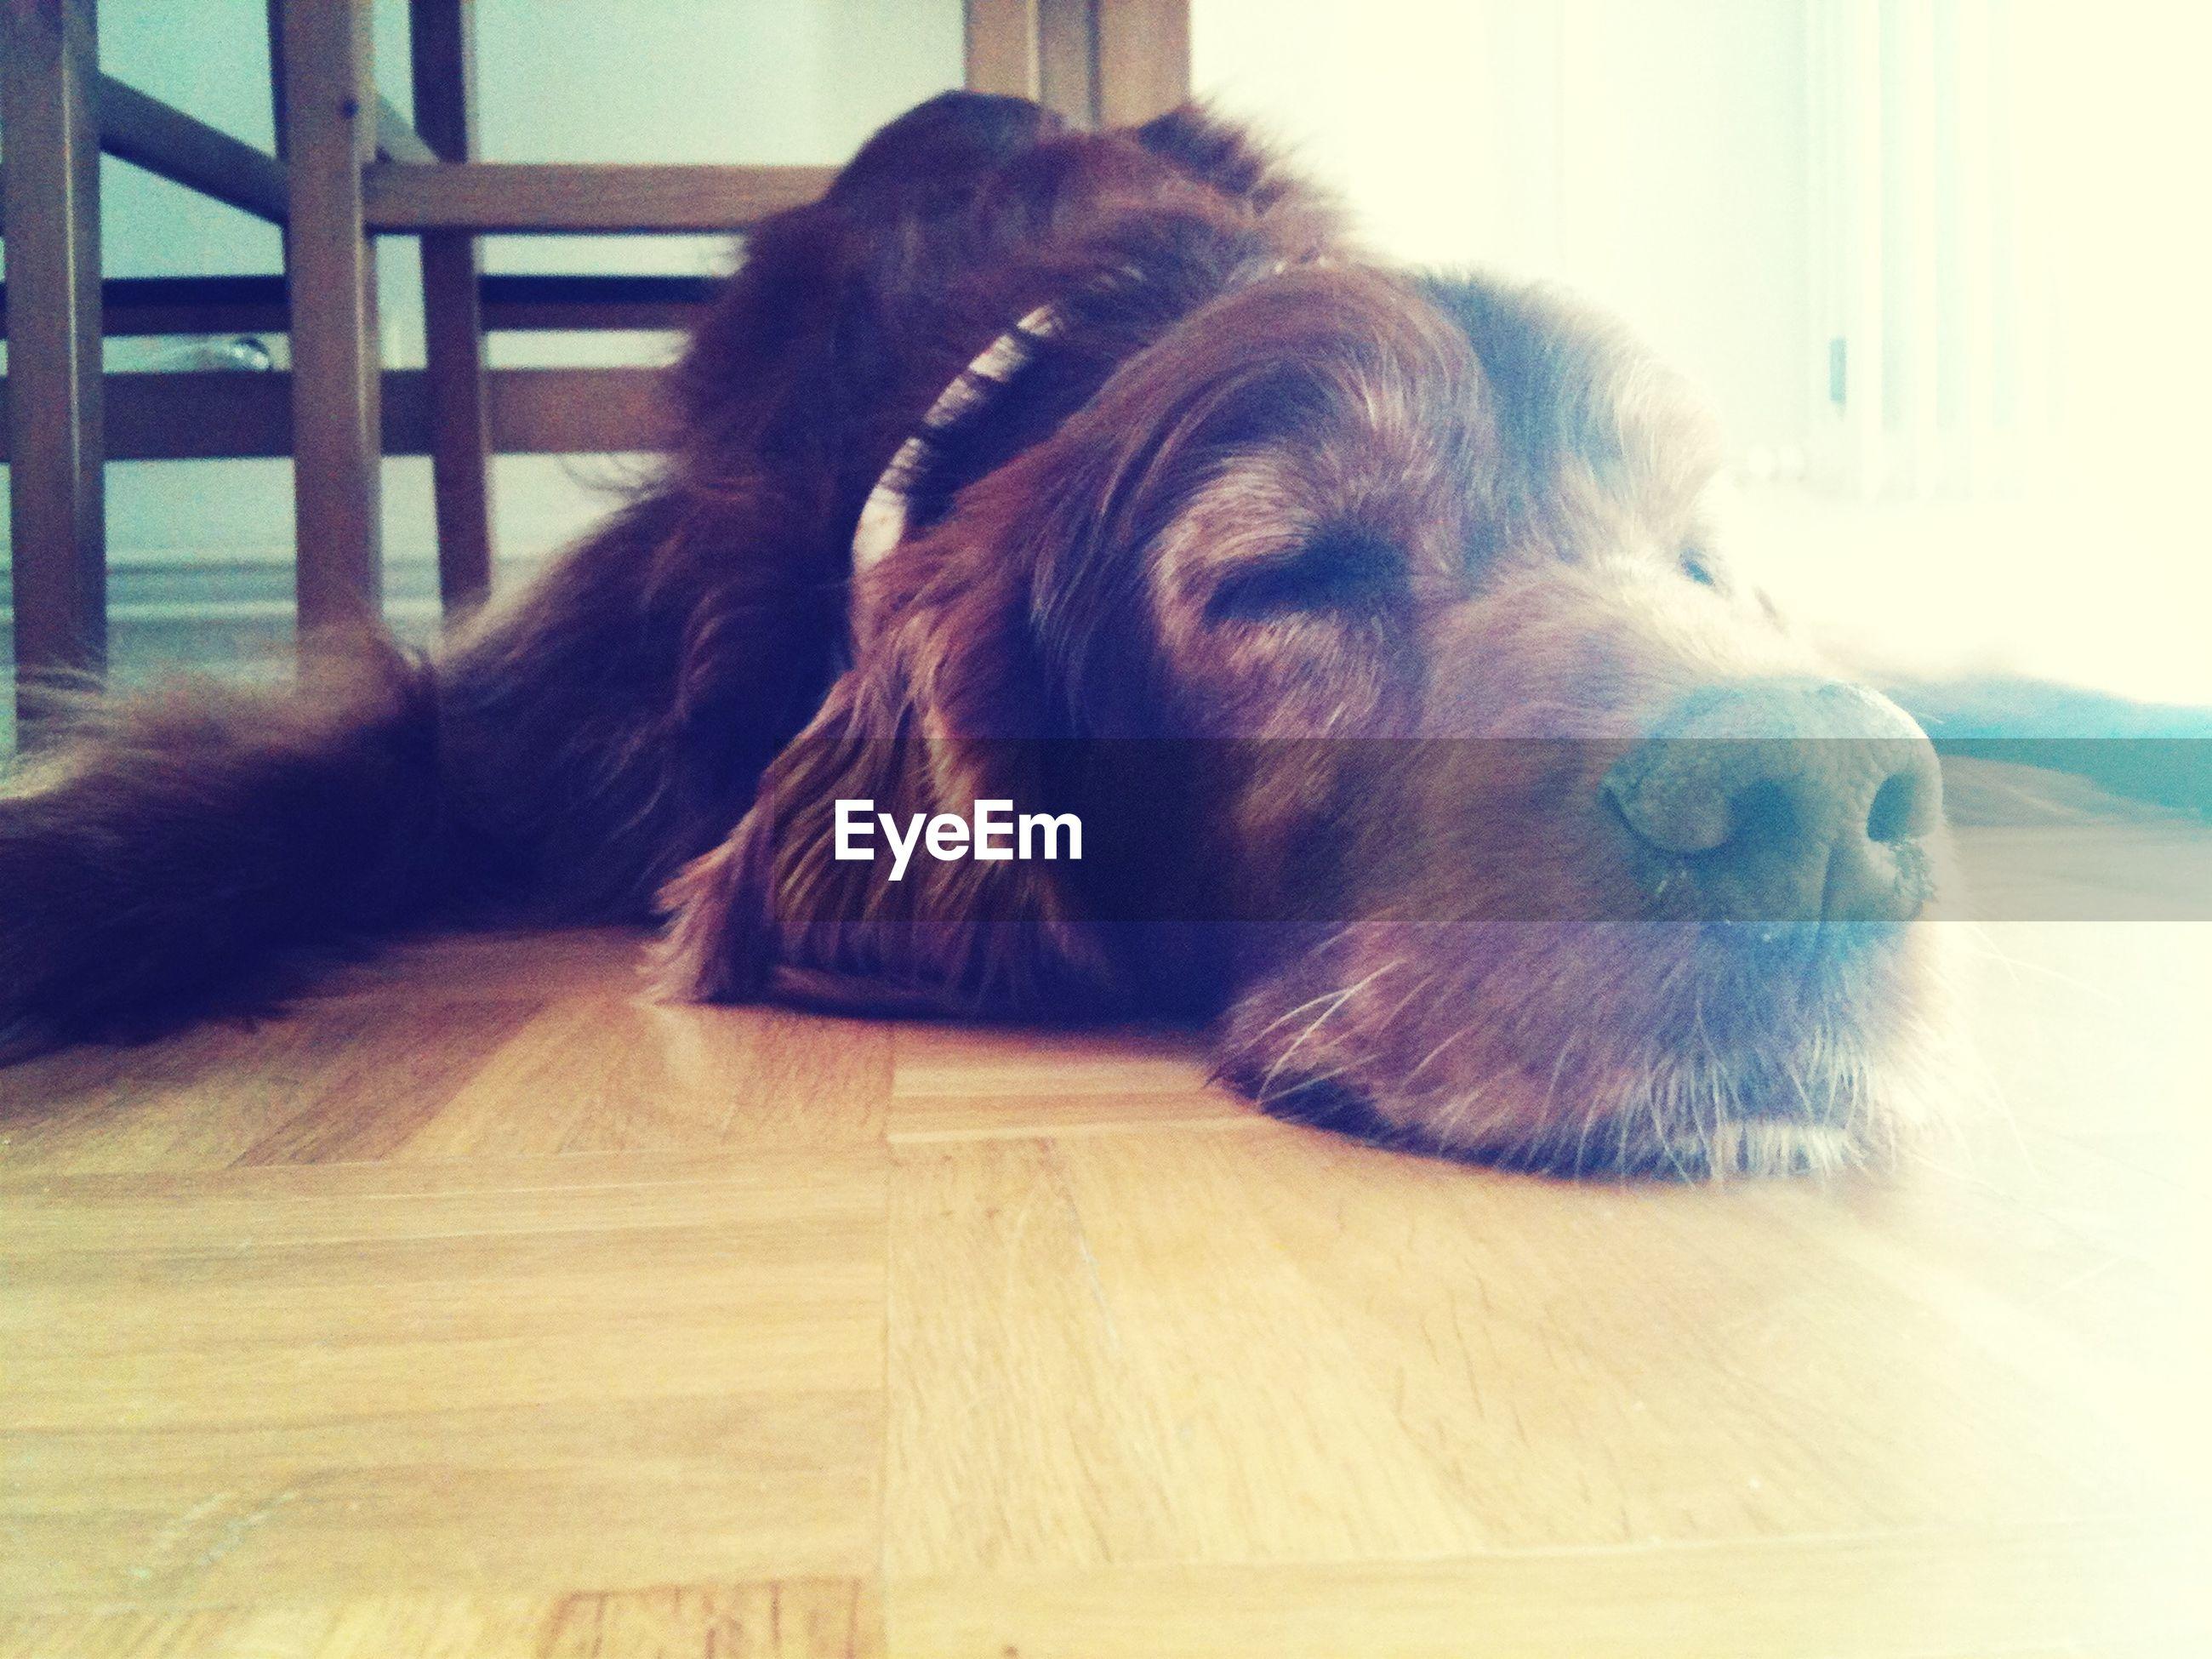 Dog sleeping on floor in house